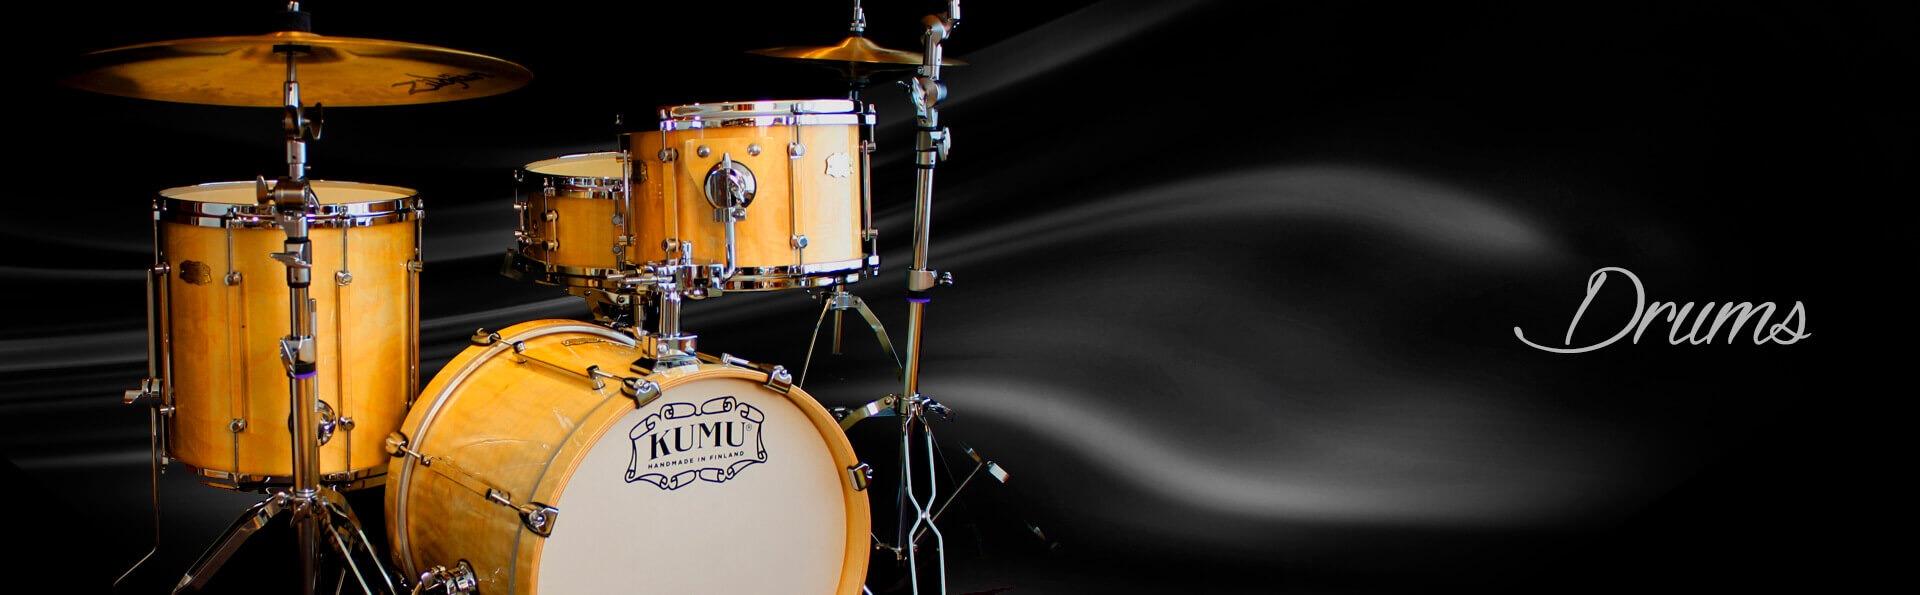 drum lessons melodica dubai